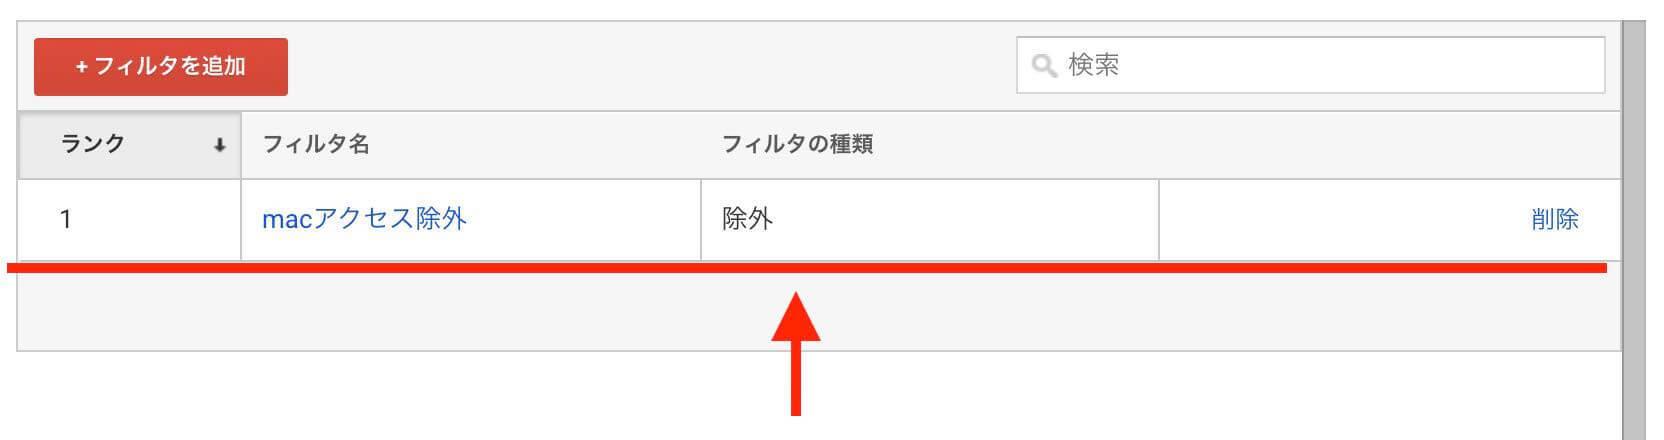 Googleアナリティクスで自分のIPアドレスを除外